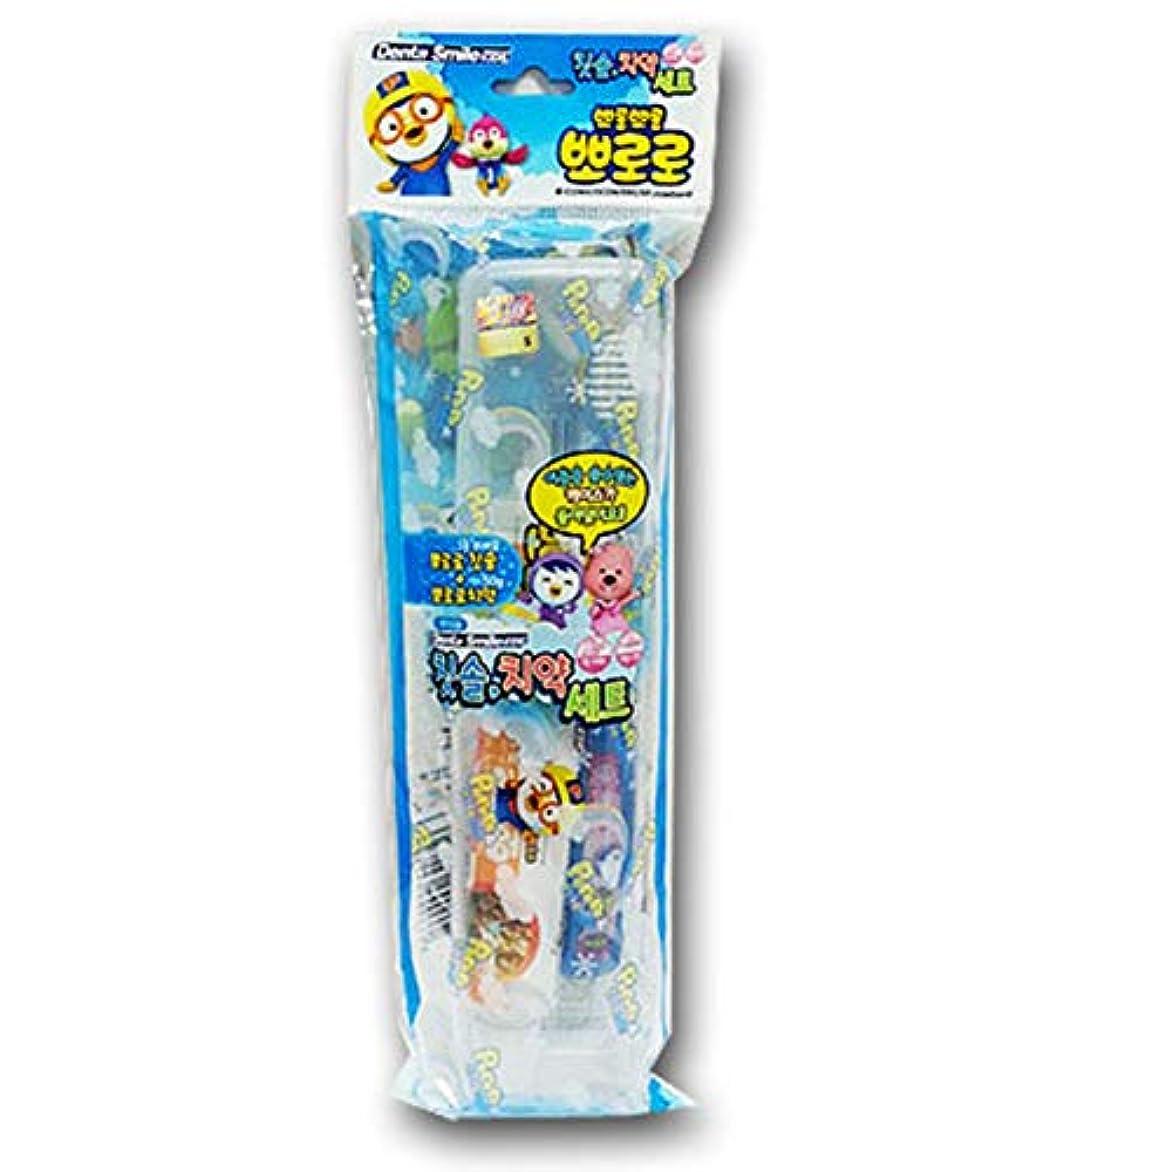 護衛タイヤミネラルPororo&Friendsポータブル歯磨き粉歯ブラシセットパイナップル香50g.